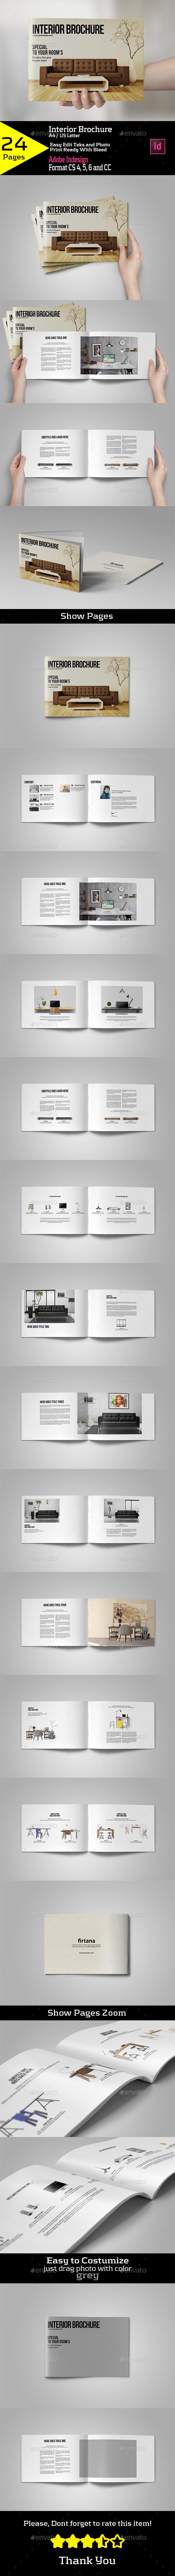 Interior Brochure A4/US Letter - Brochures Print Templates